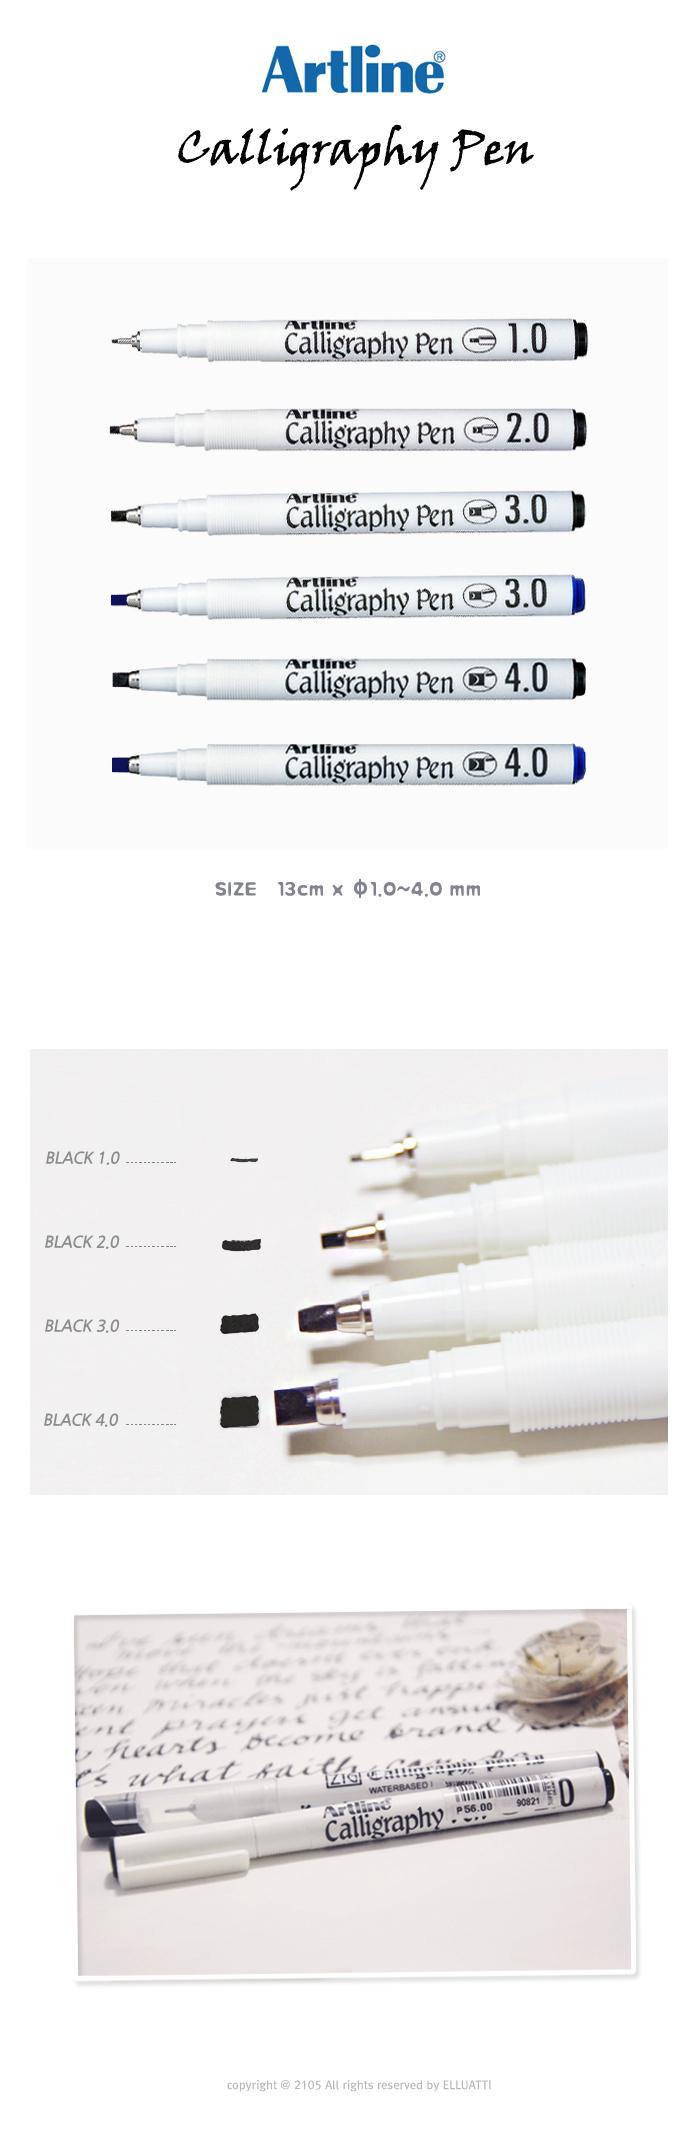 ARTLINE - 캘리그라피 펜 (1.0-4.0mm) - 엘루아띠, 3,000원, 데코펜, 캘리그라피펜